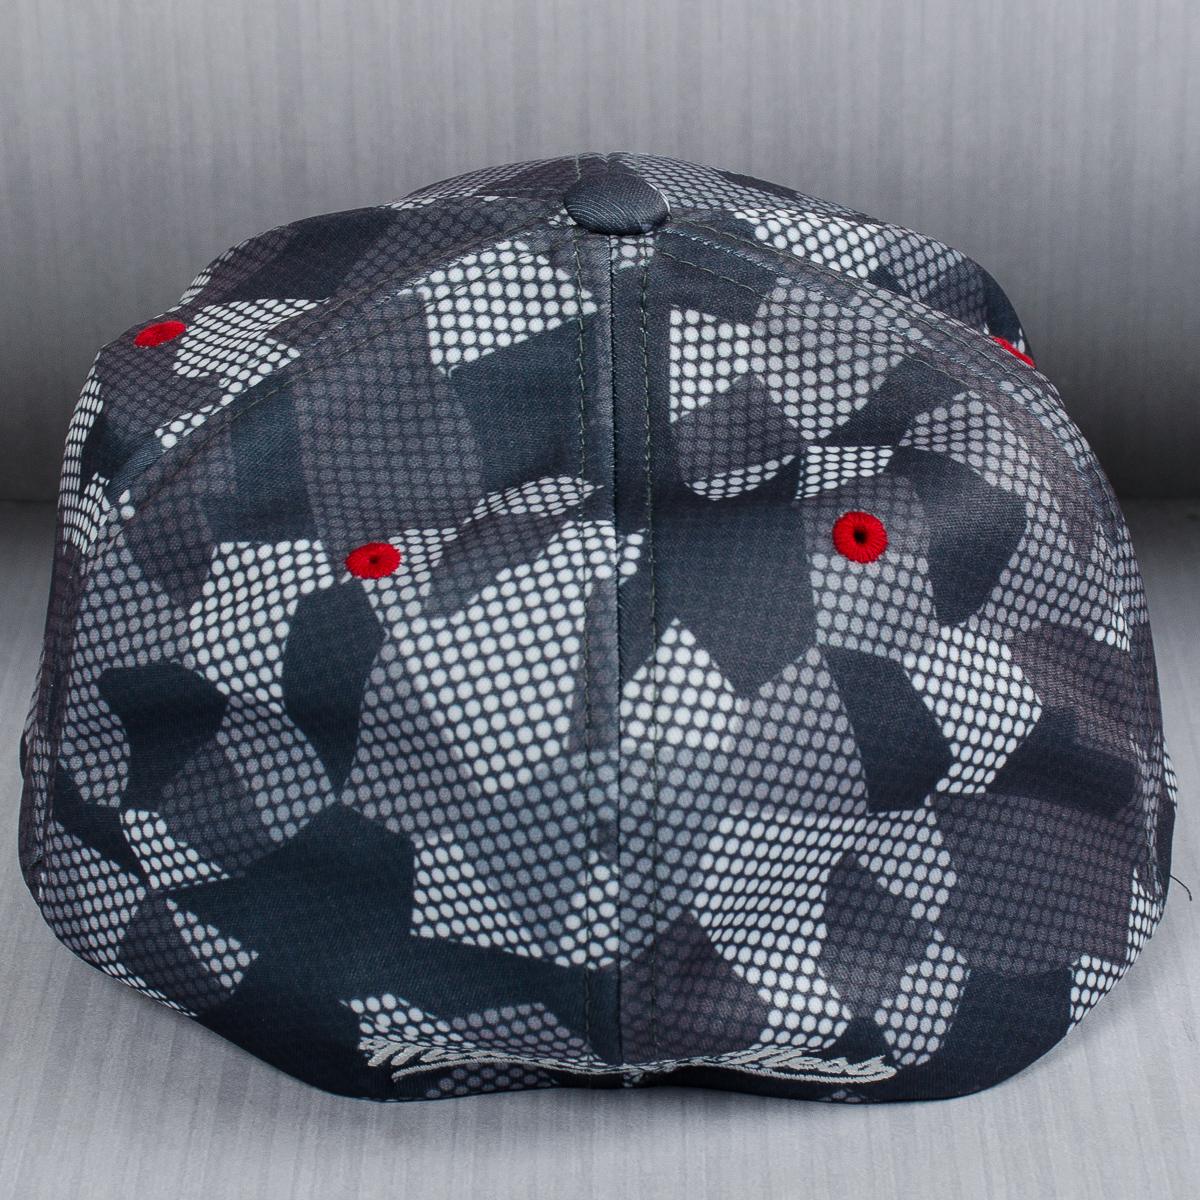 Mitchell   Ness NBA Chicago Bulls Carbon Camo Flexfit Slouch Cap ... 345b2b631e25